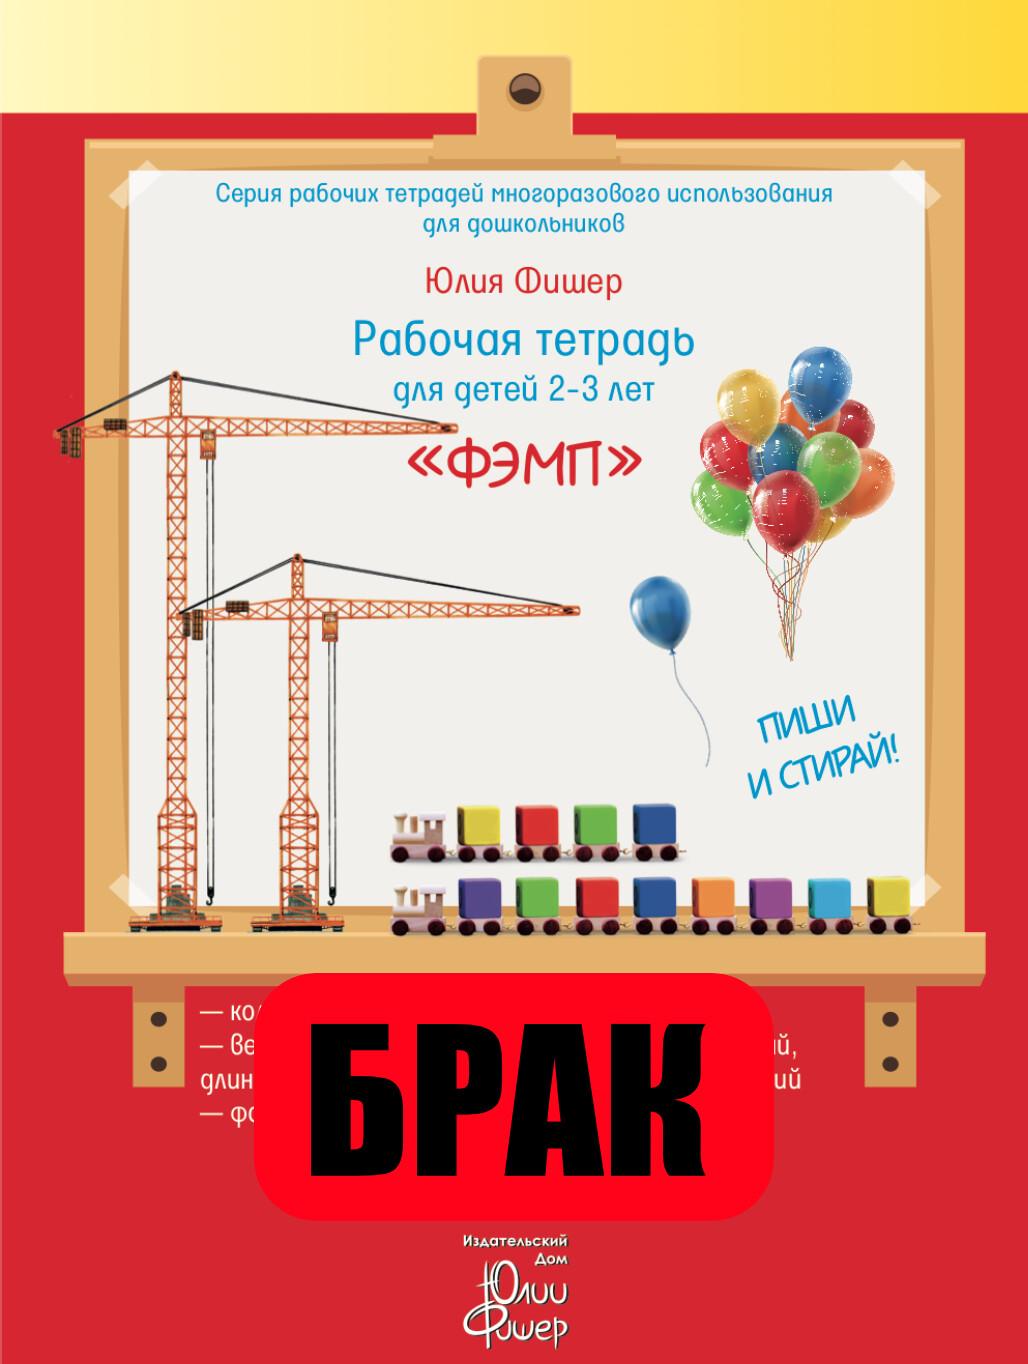 БРАК. Рабочая тетрадь для детей 2-3 лет «ФЭМП». Маркер в комплекте (зелёный)